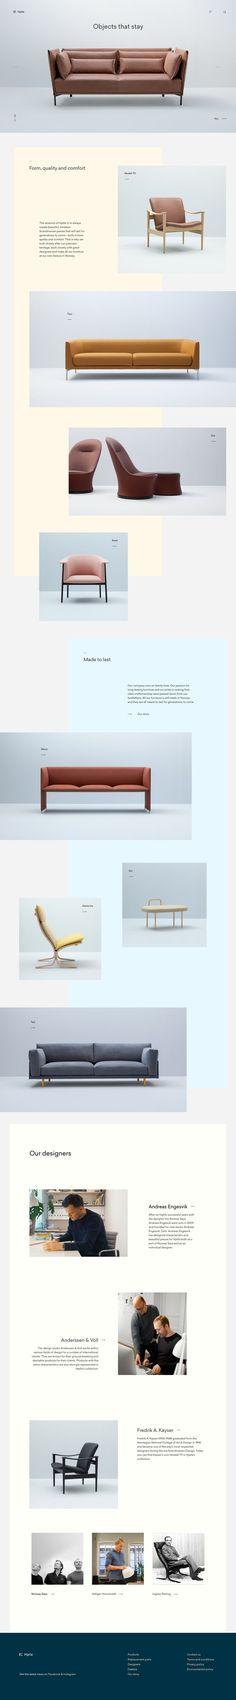 Hjelle Furniture - Homepage   #ui #ux #userexperience #website #webdesign #design #minimal #minimalism #art #white #orange #blue #travel #map #ecommerce #fashion